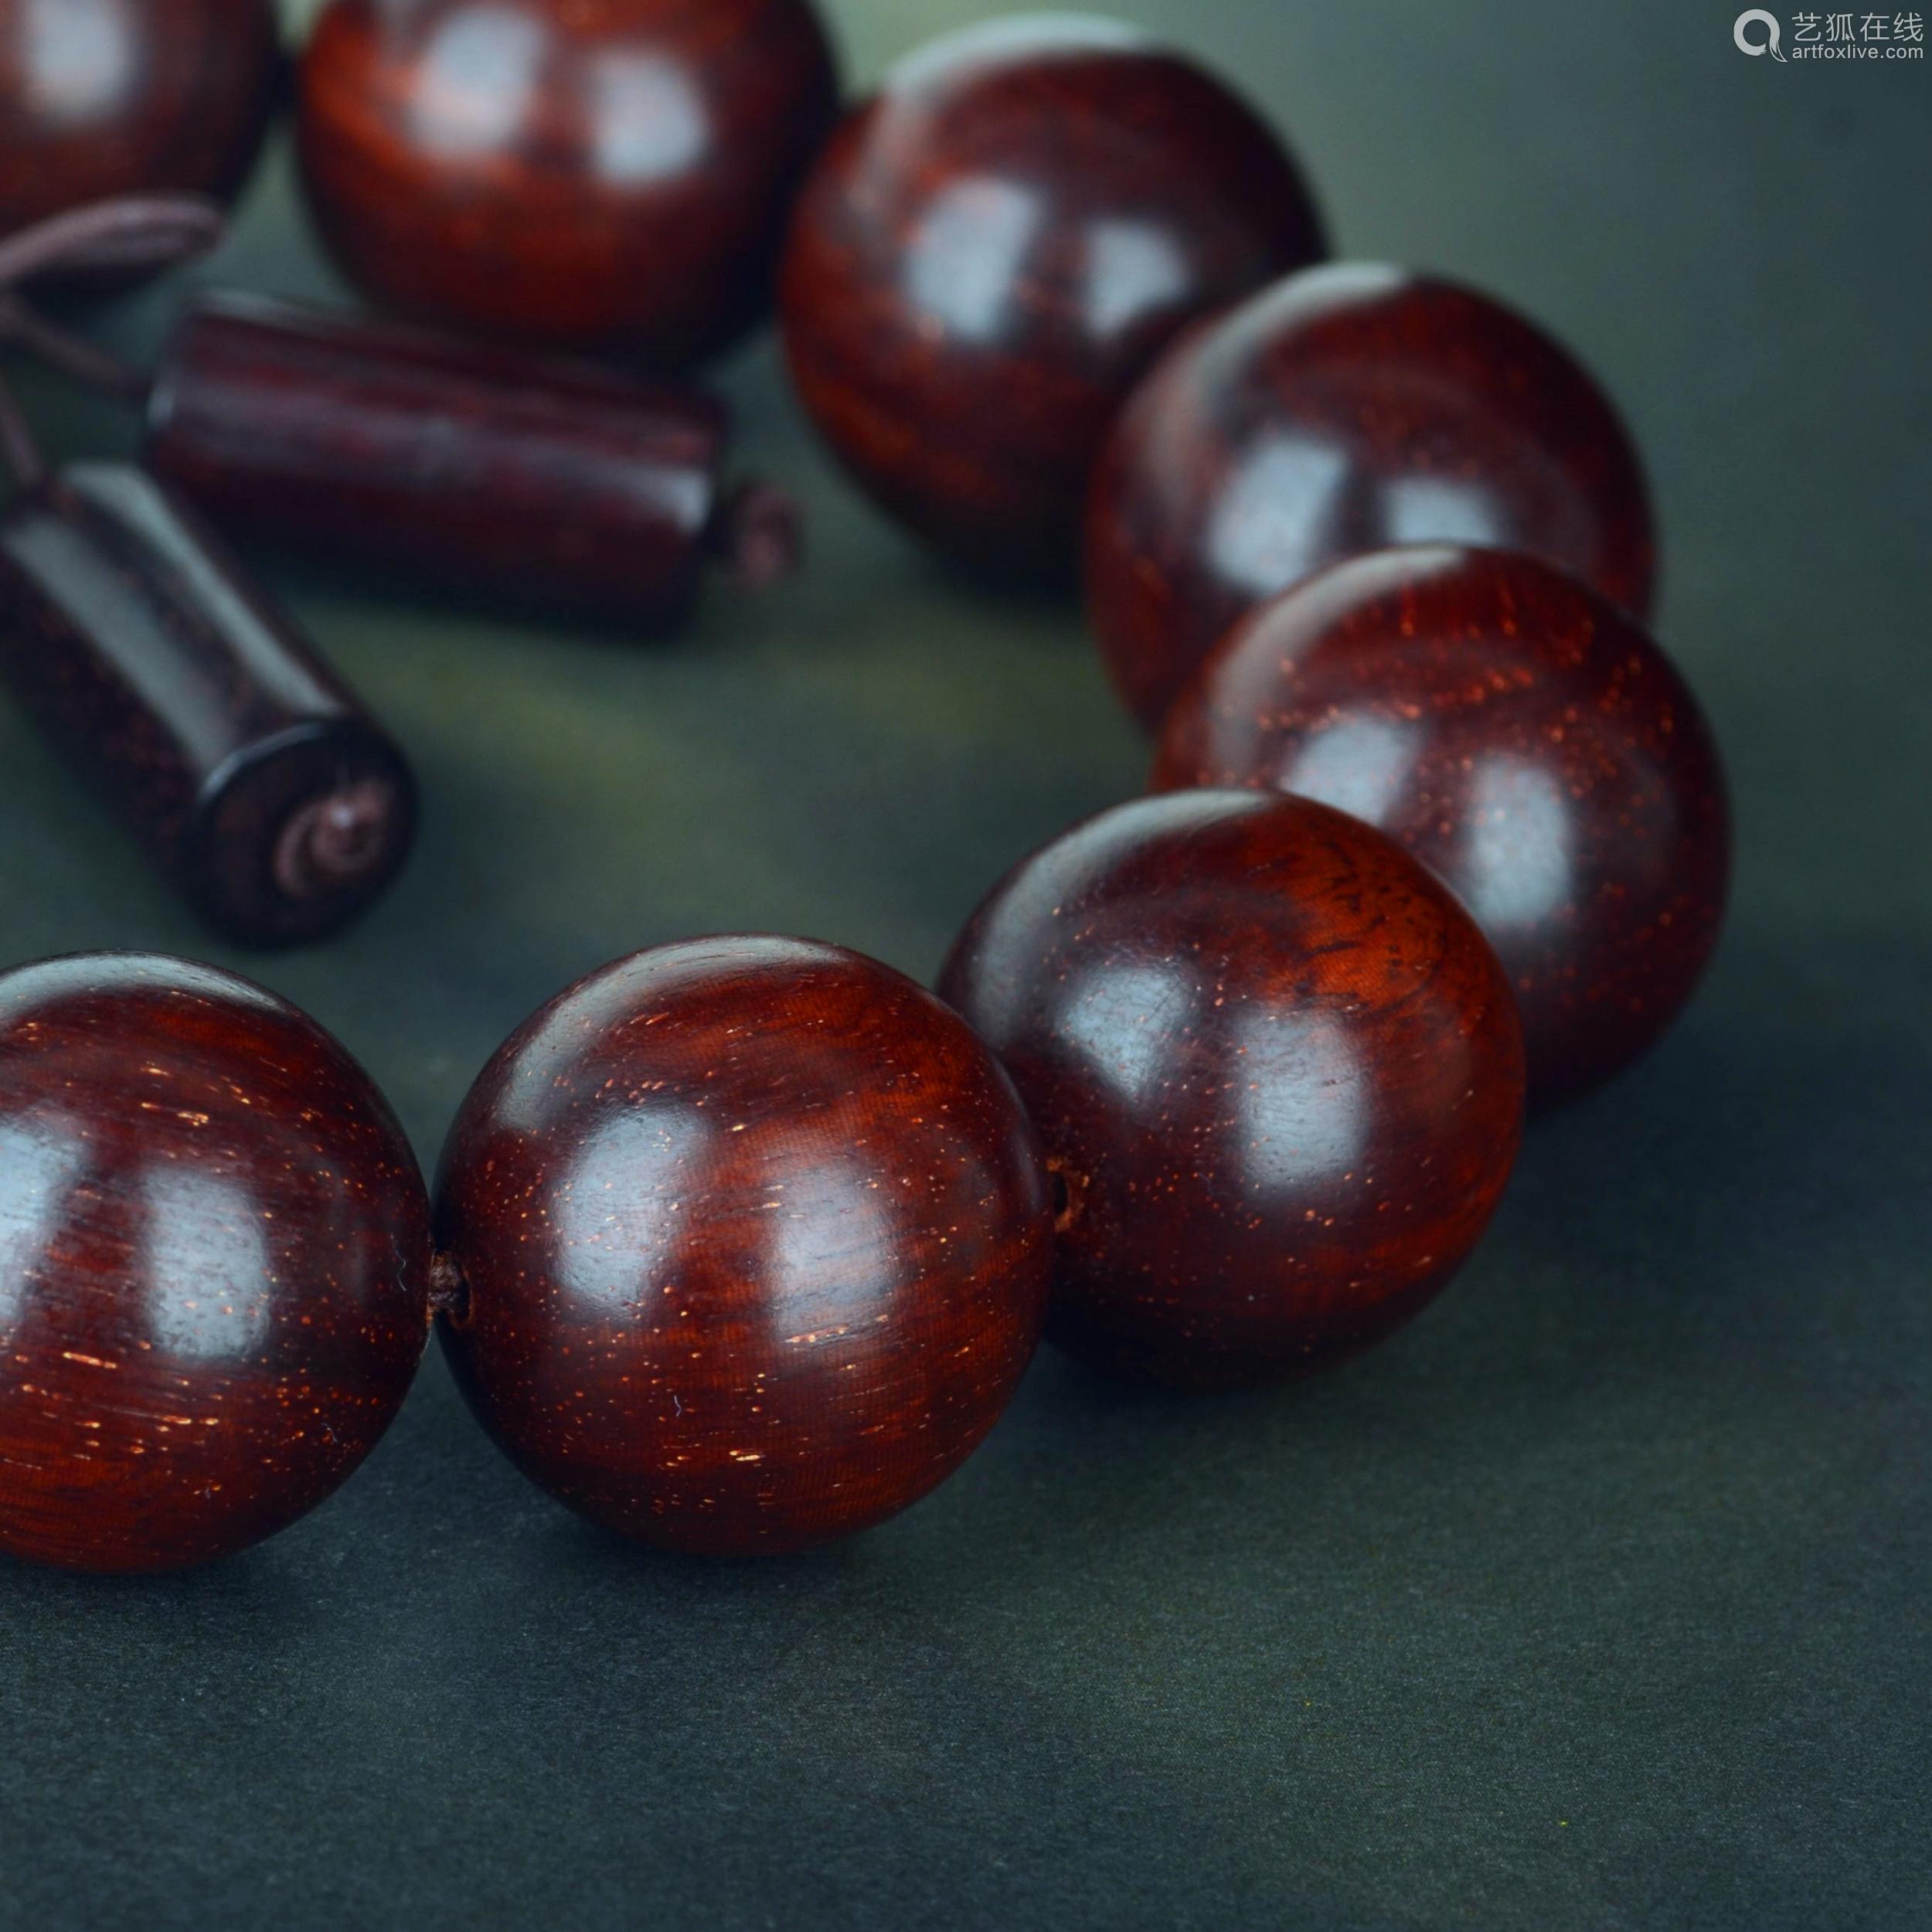 印度金星小叶紫檀手串紫檀1.8cm